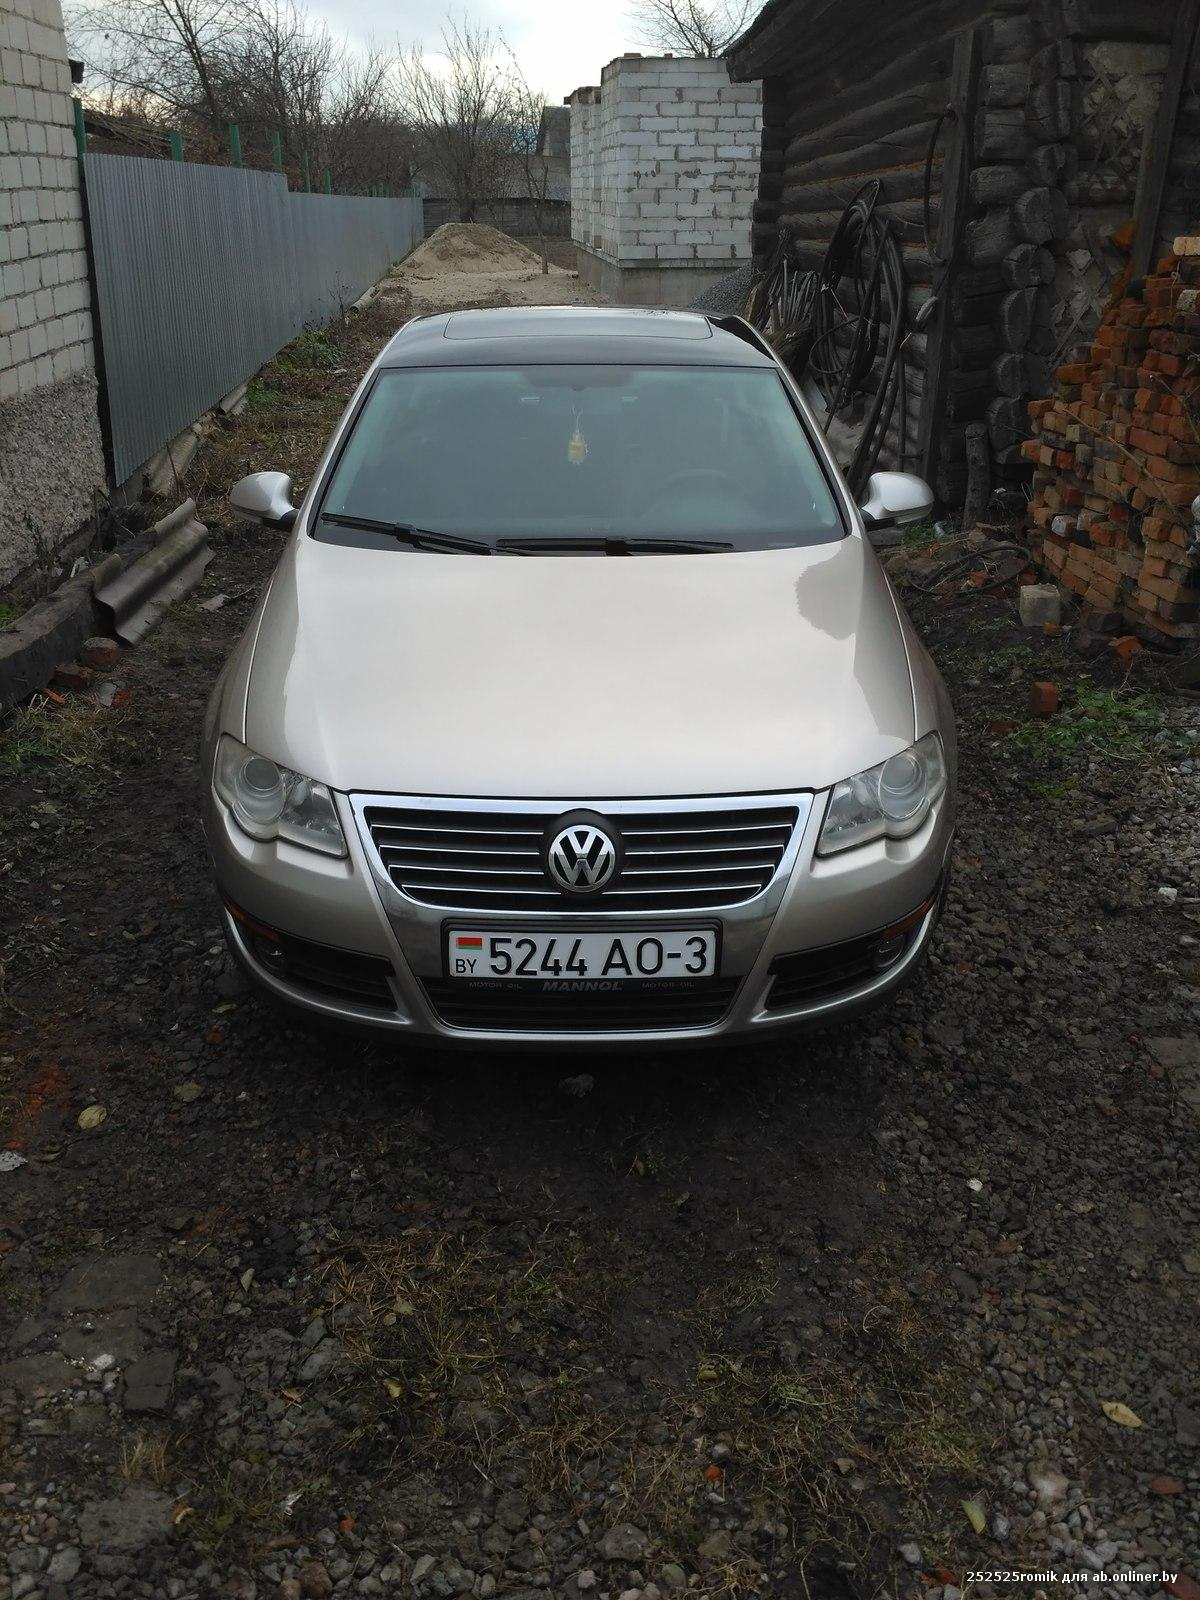 Volkswagen Passat R- line